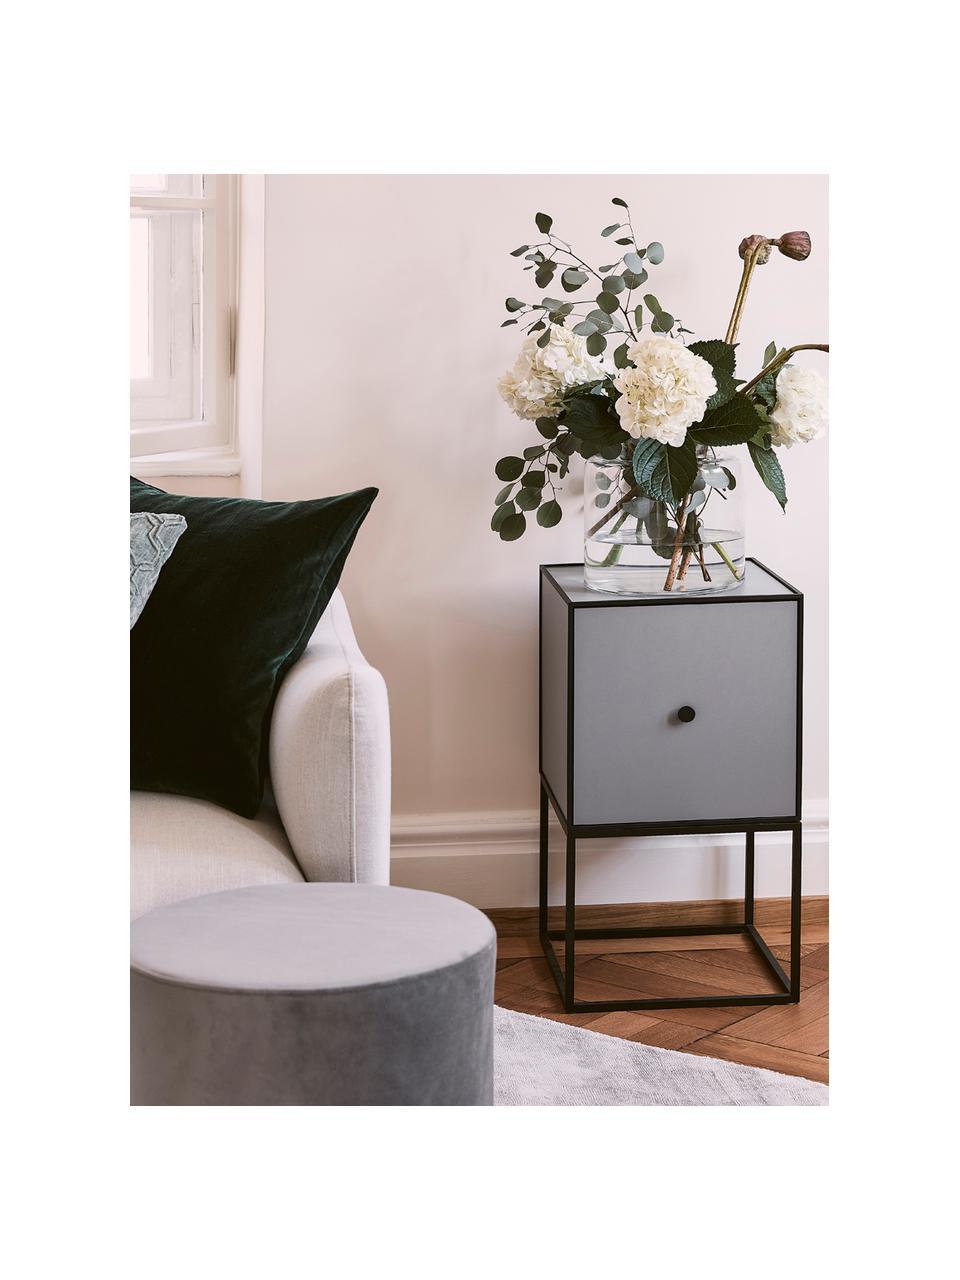 Design Beistelltisch Frame mit Türe in Grau, Korpus: Mitteldichte Holzfaserpla, Gestell und Rahmen: Schwarz Korpus: Dunkelgrau, 35 x 63 cm